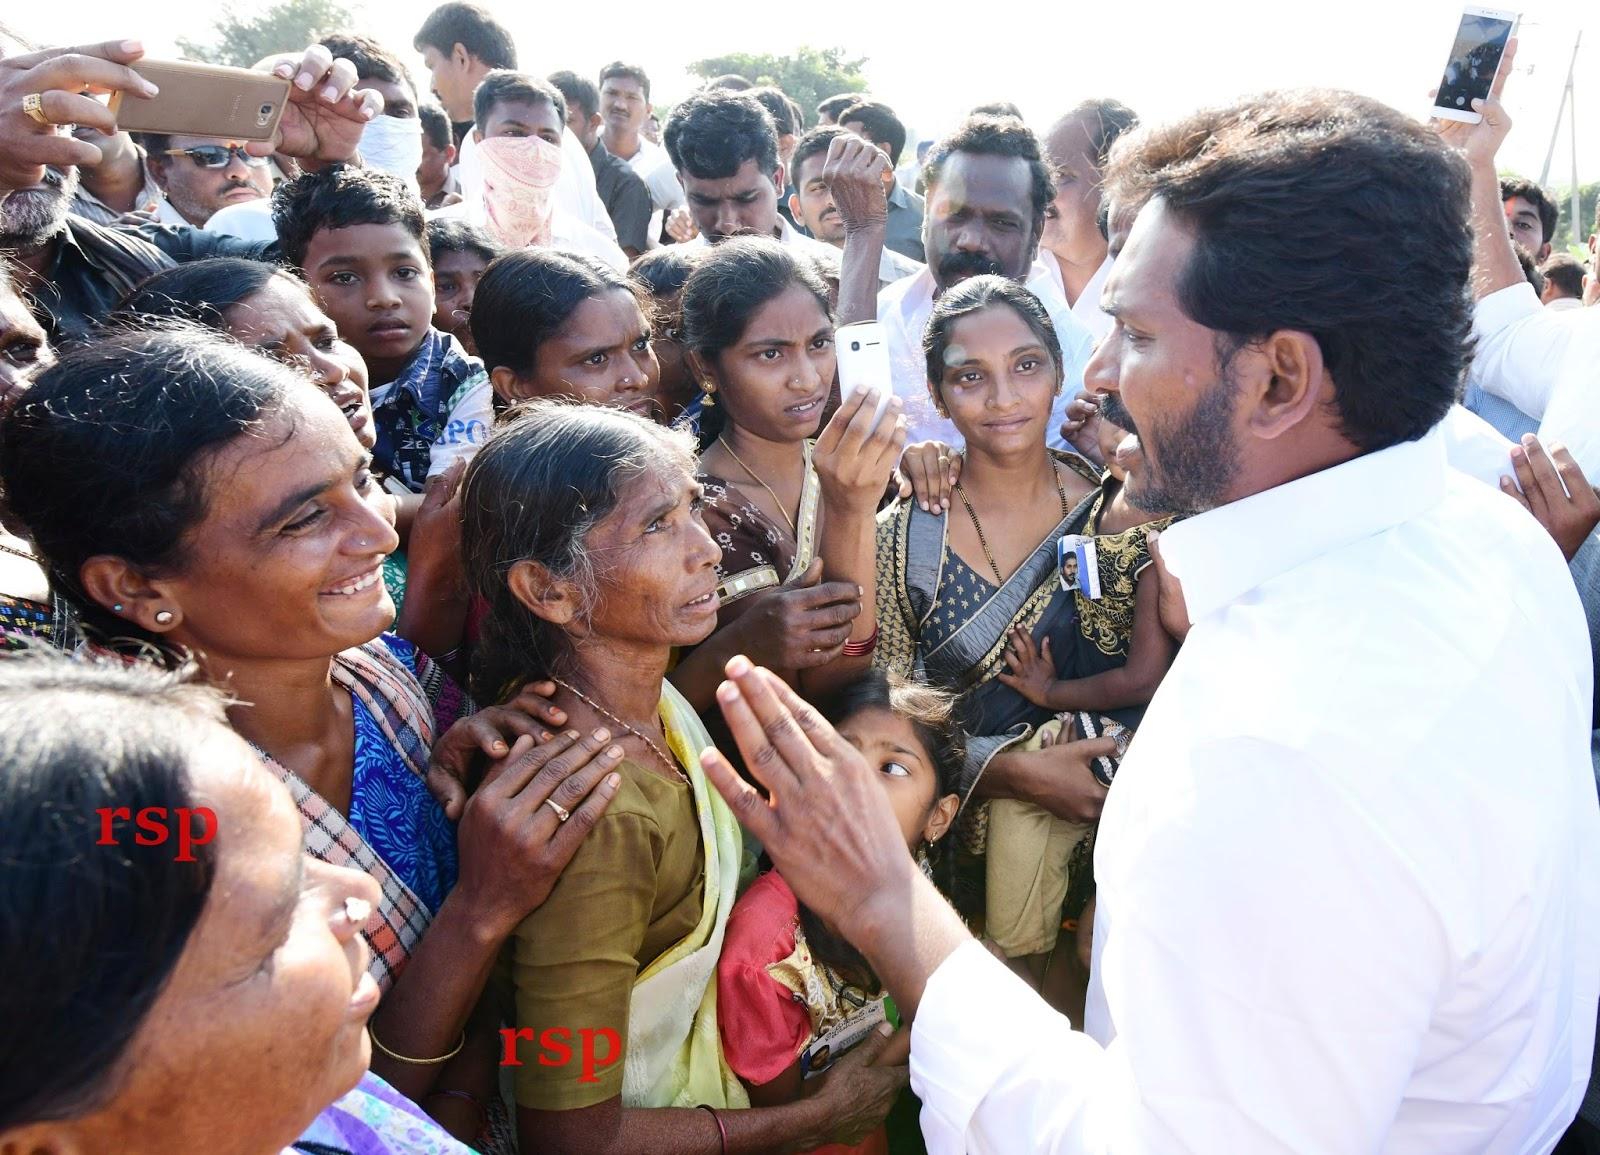 rspnetwork in: YS Jaganmohan reddy Praja Sankalpa Yatra